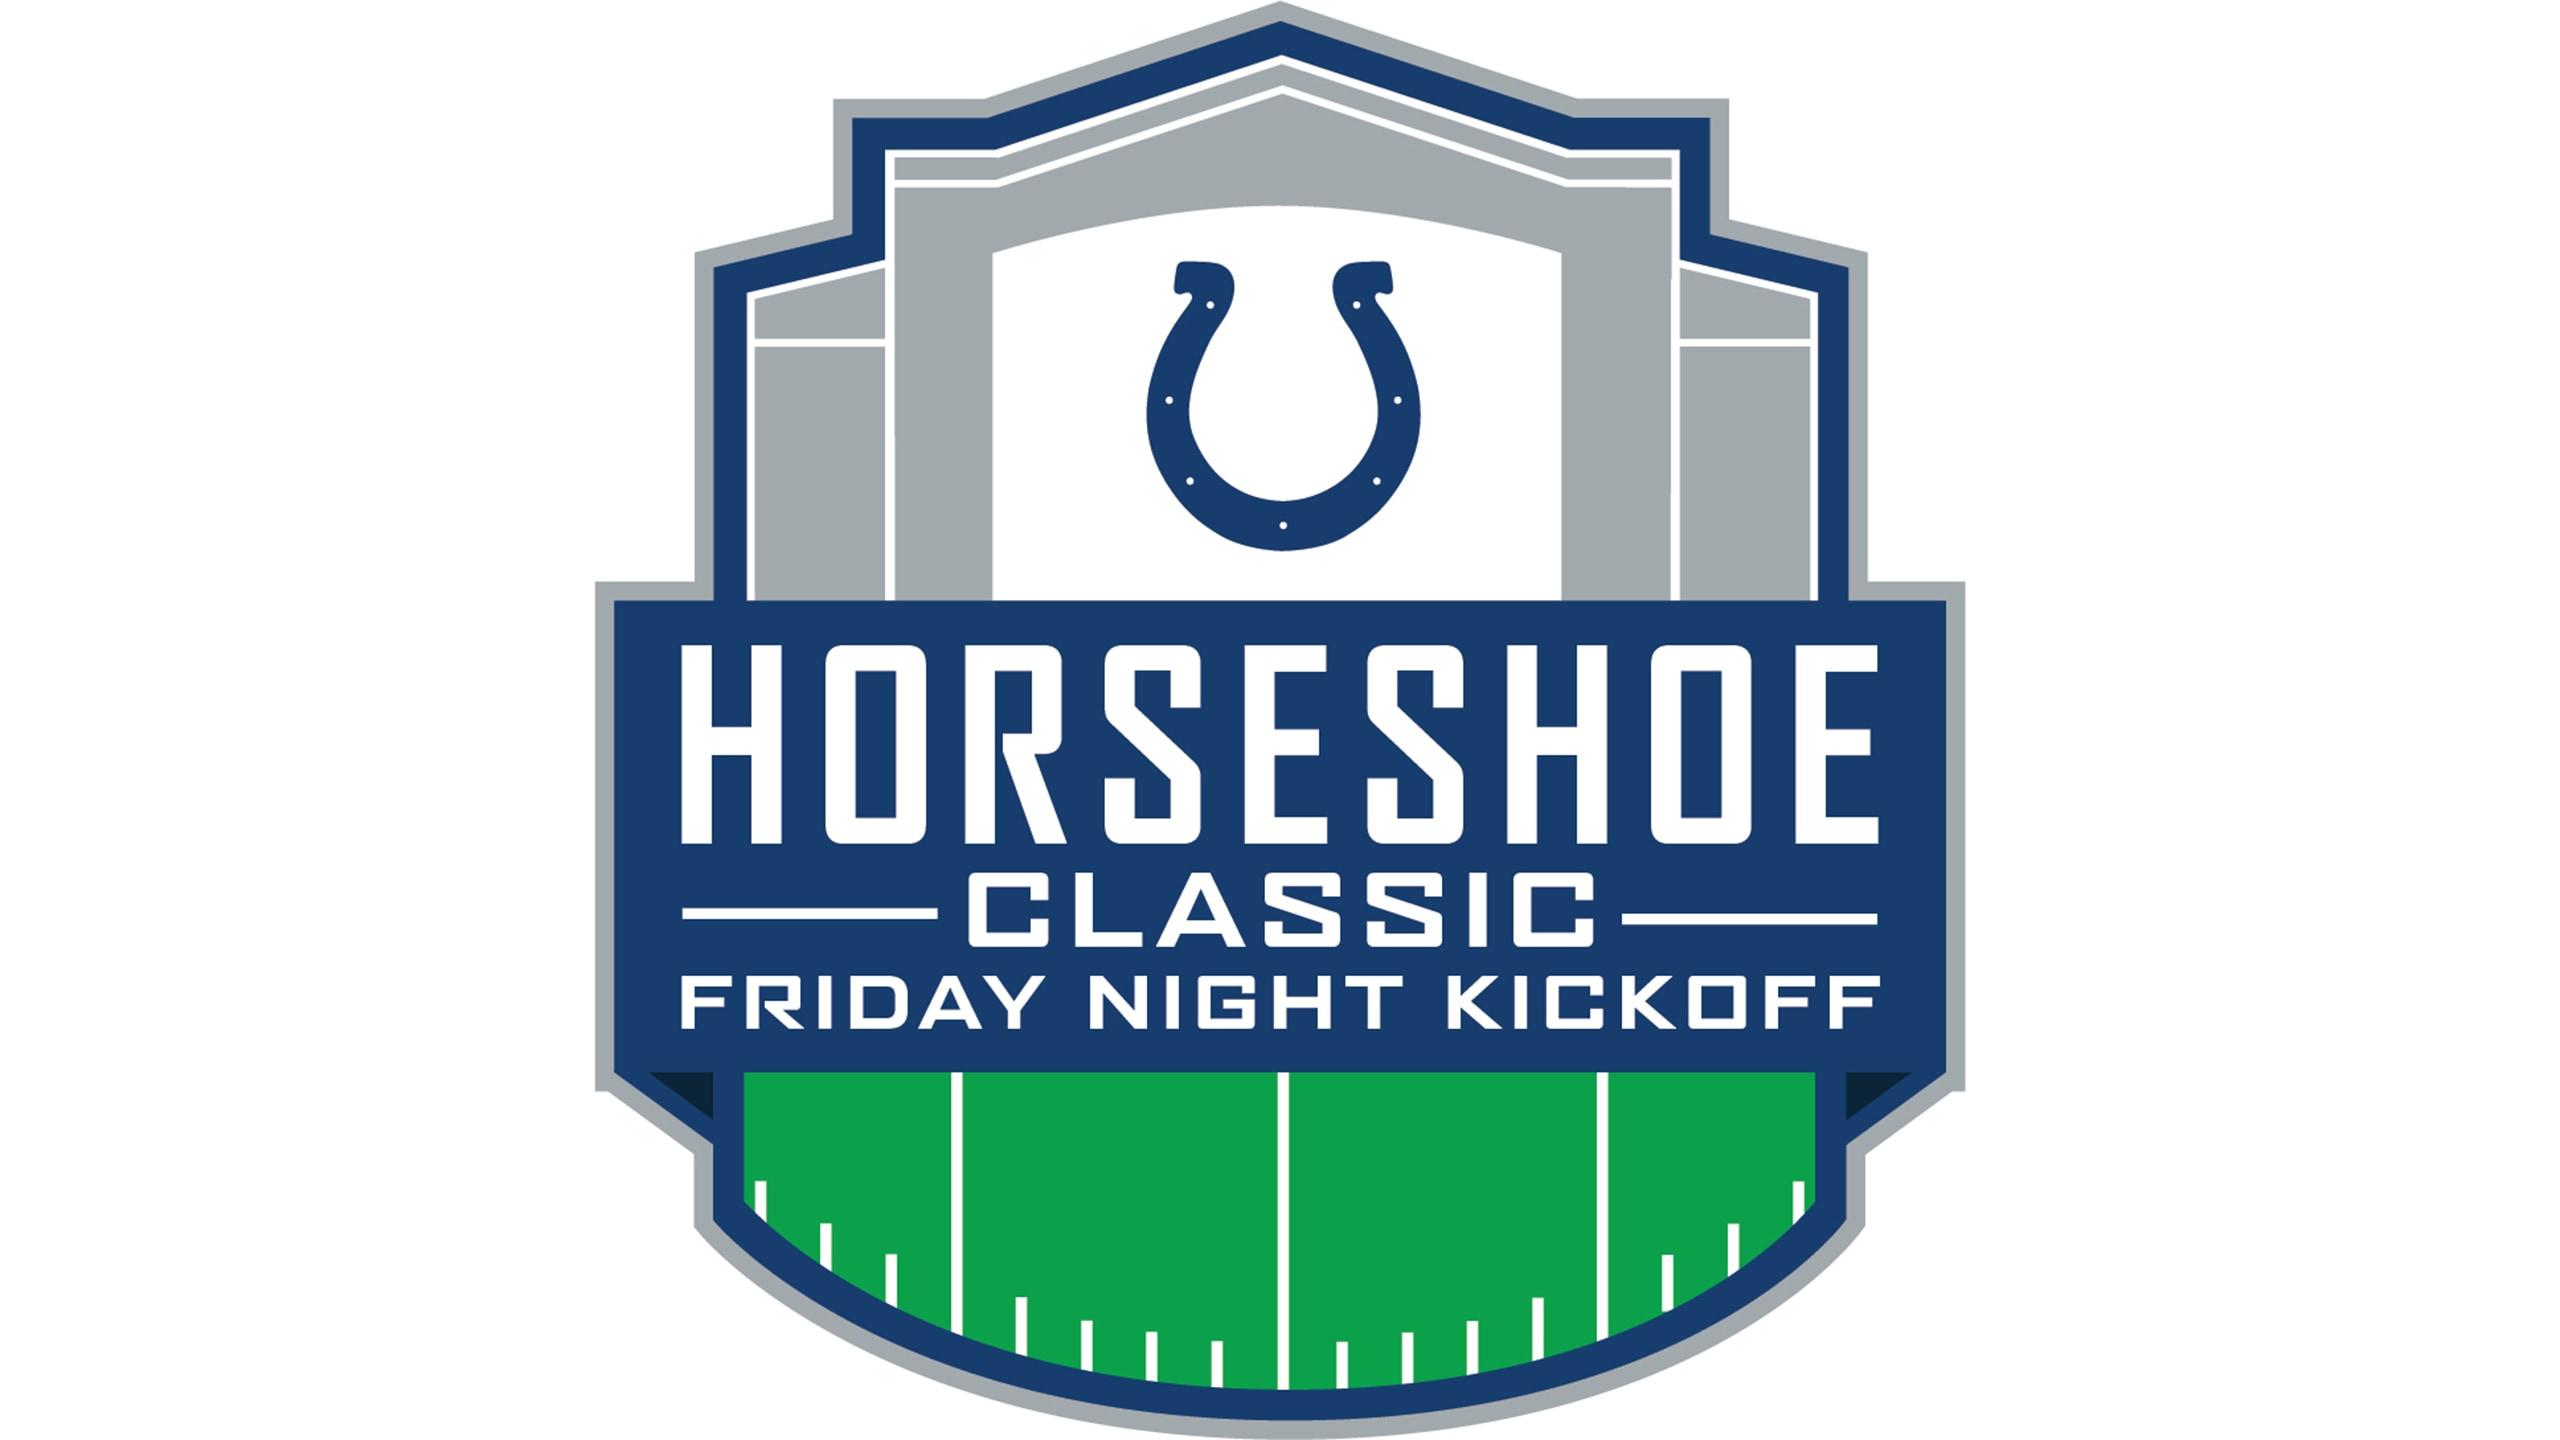 Horseshoe Classic